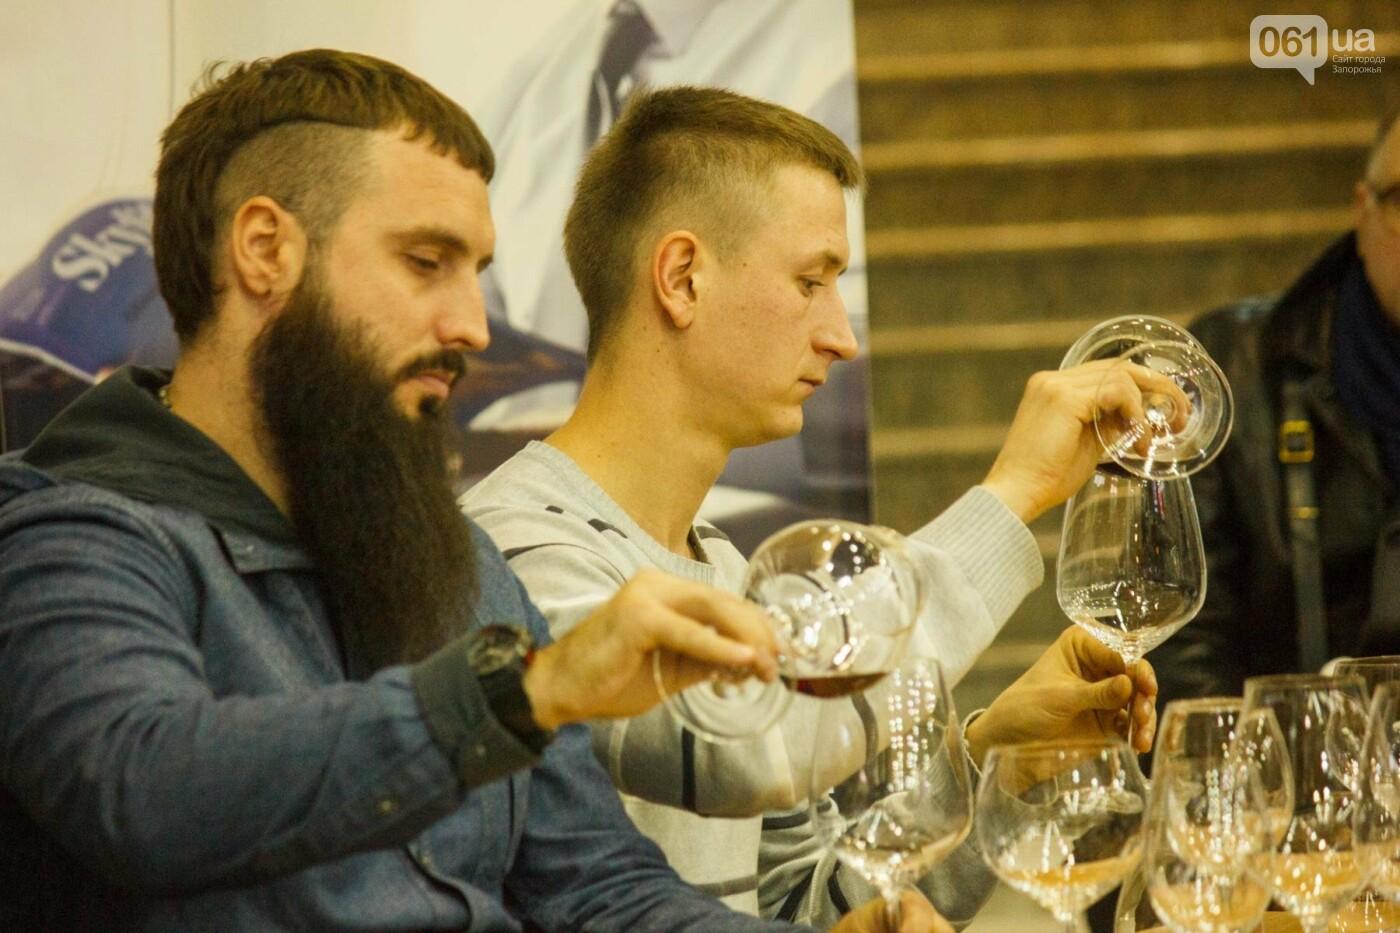 Шеф-повара запорожских ресторанов провели мастер-класс для горожан: как это было, - ФОТОРЕПОРТАЖ, фото-66